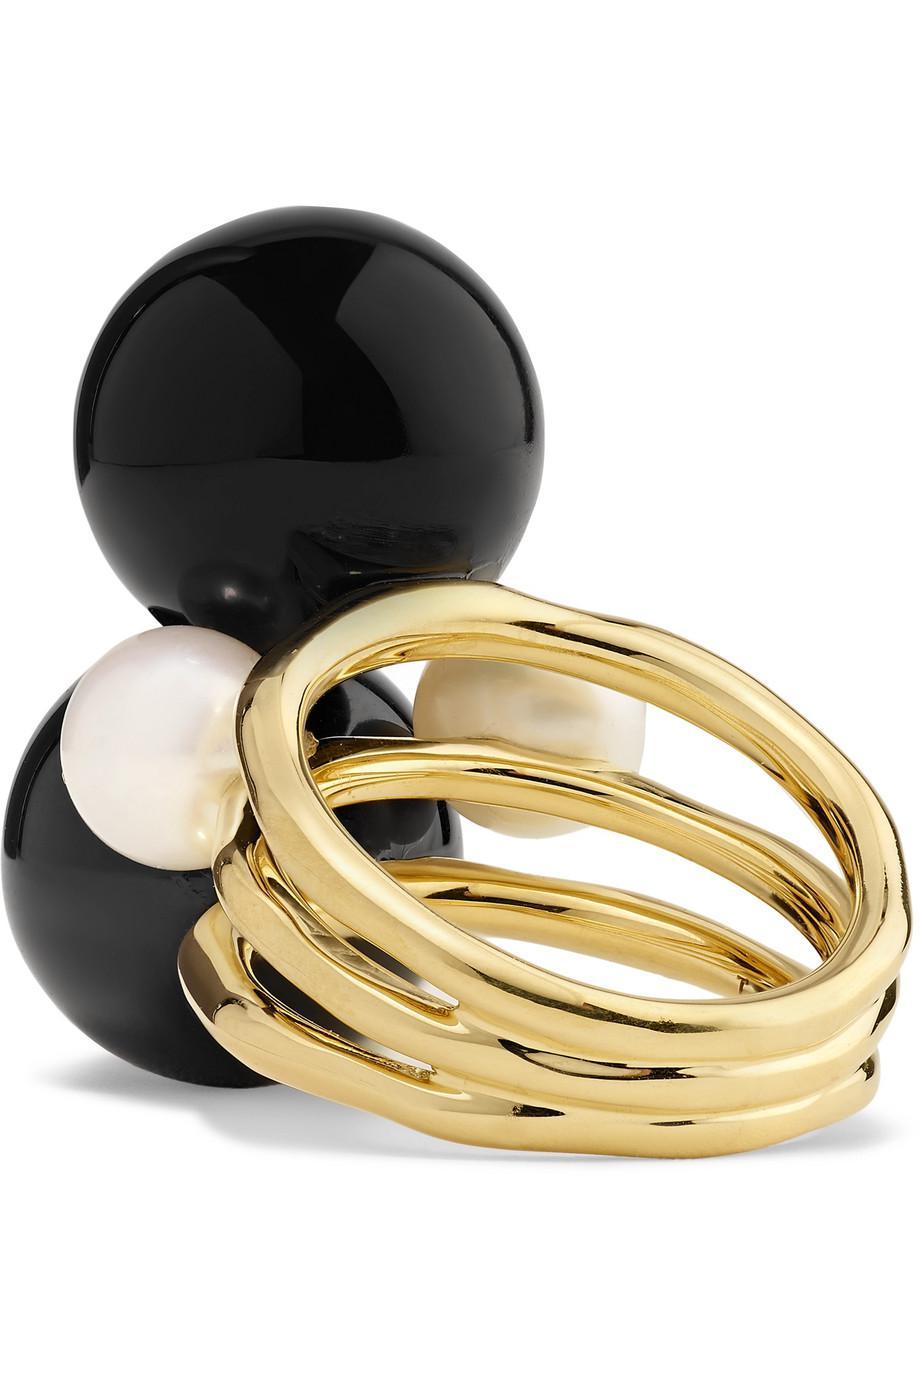 Nova 18-karat Gold, Onyx And Pearl Ring - 6 Ippolita